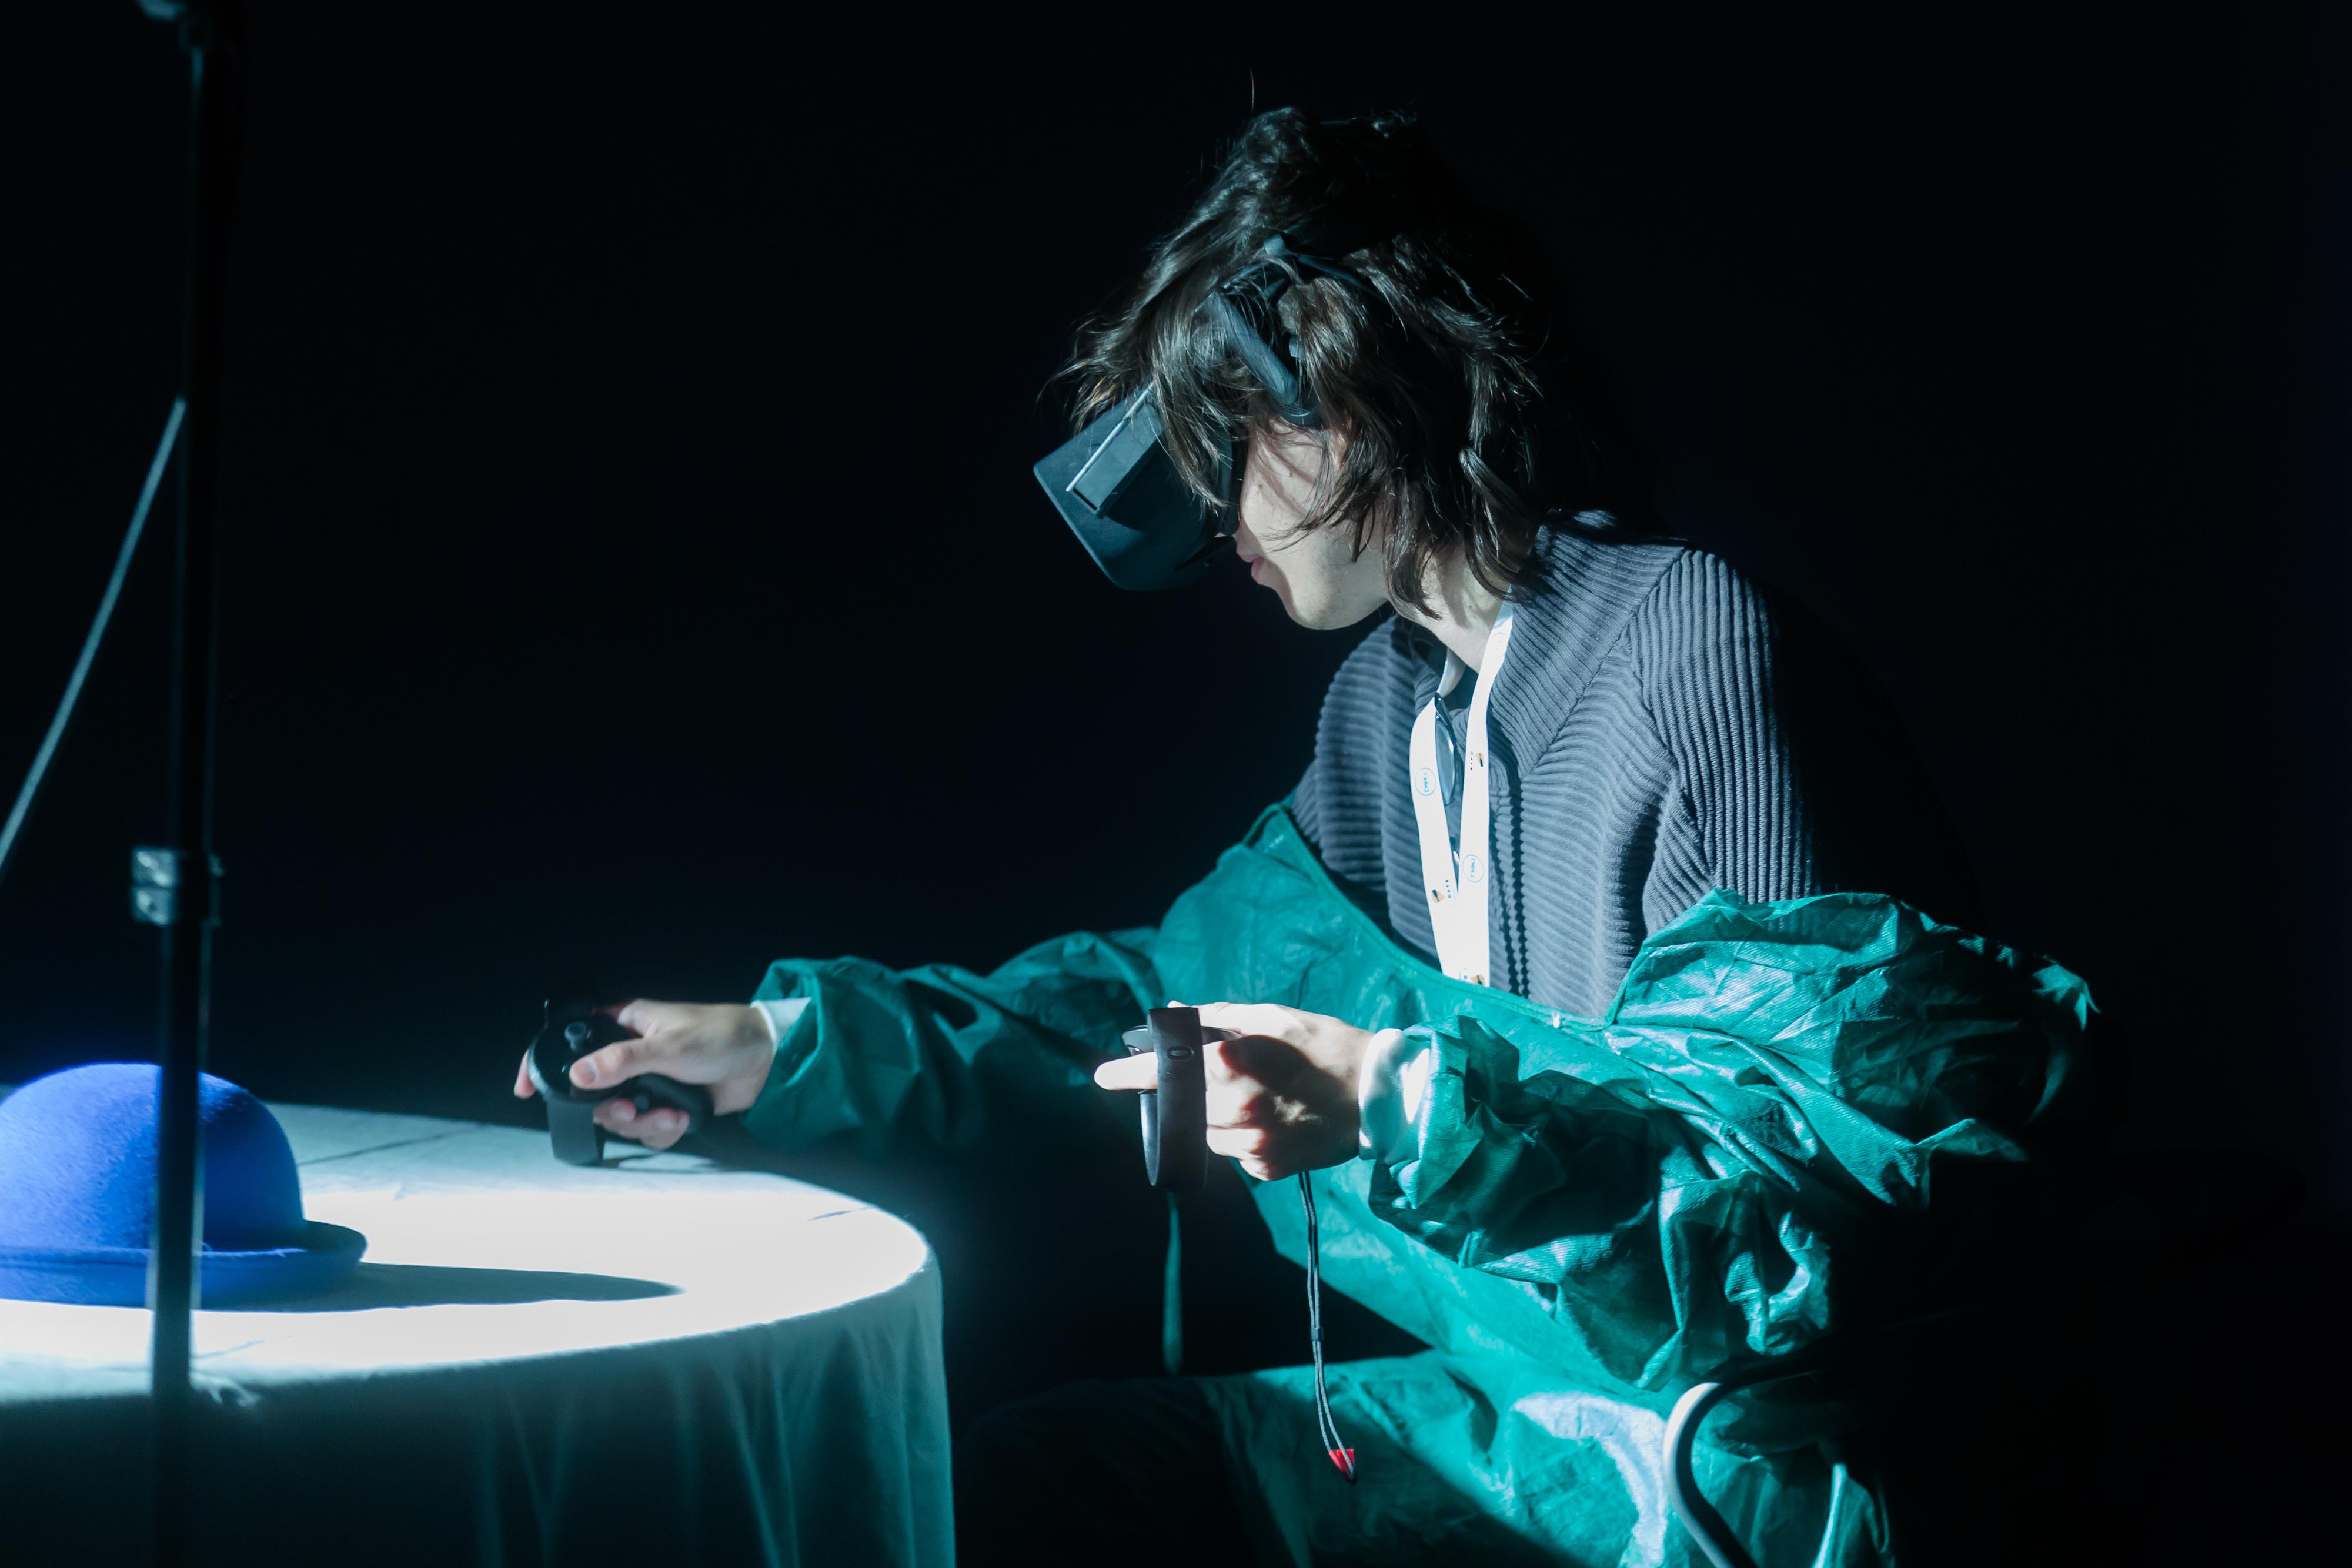 Les VR Days permettent de faire découvrir des œuvres d'art en réalité virtuelle